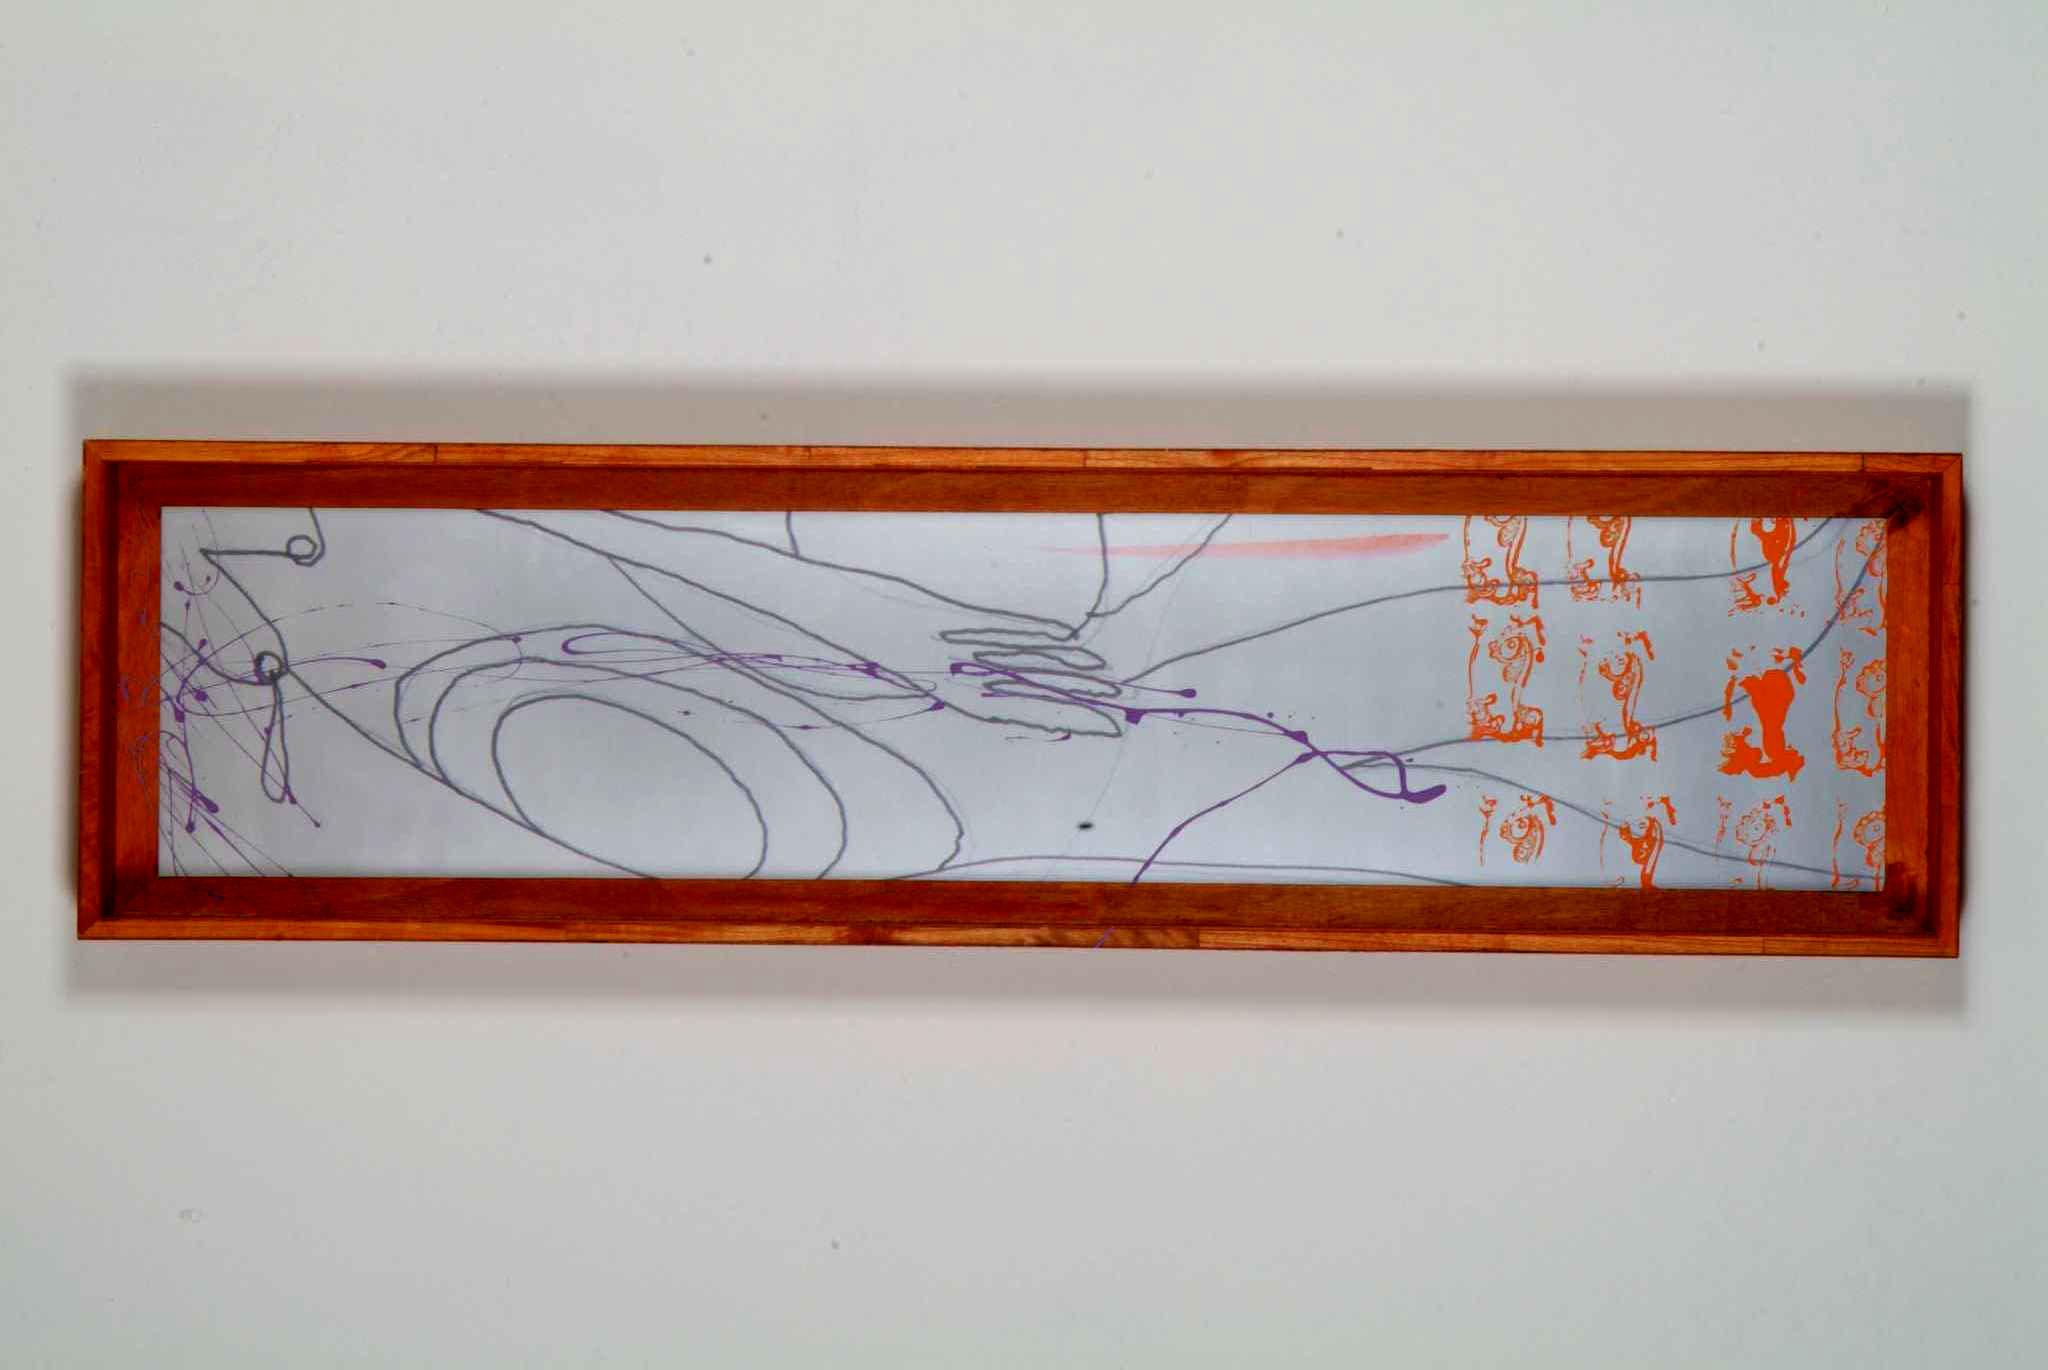 Segreto di segno/stampa su plexiglas, legno, pigmento argentato, acquarello;